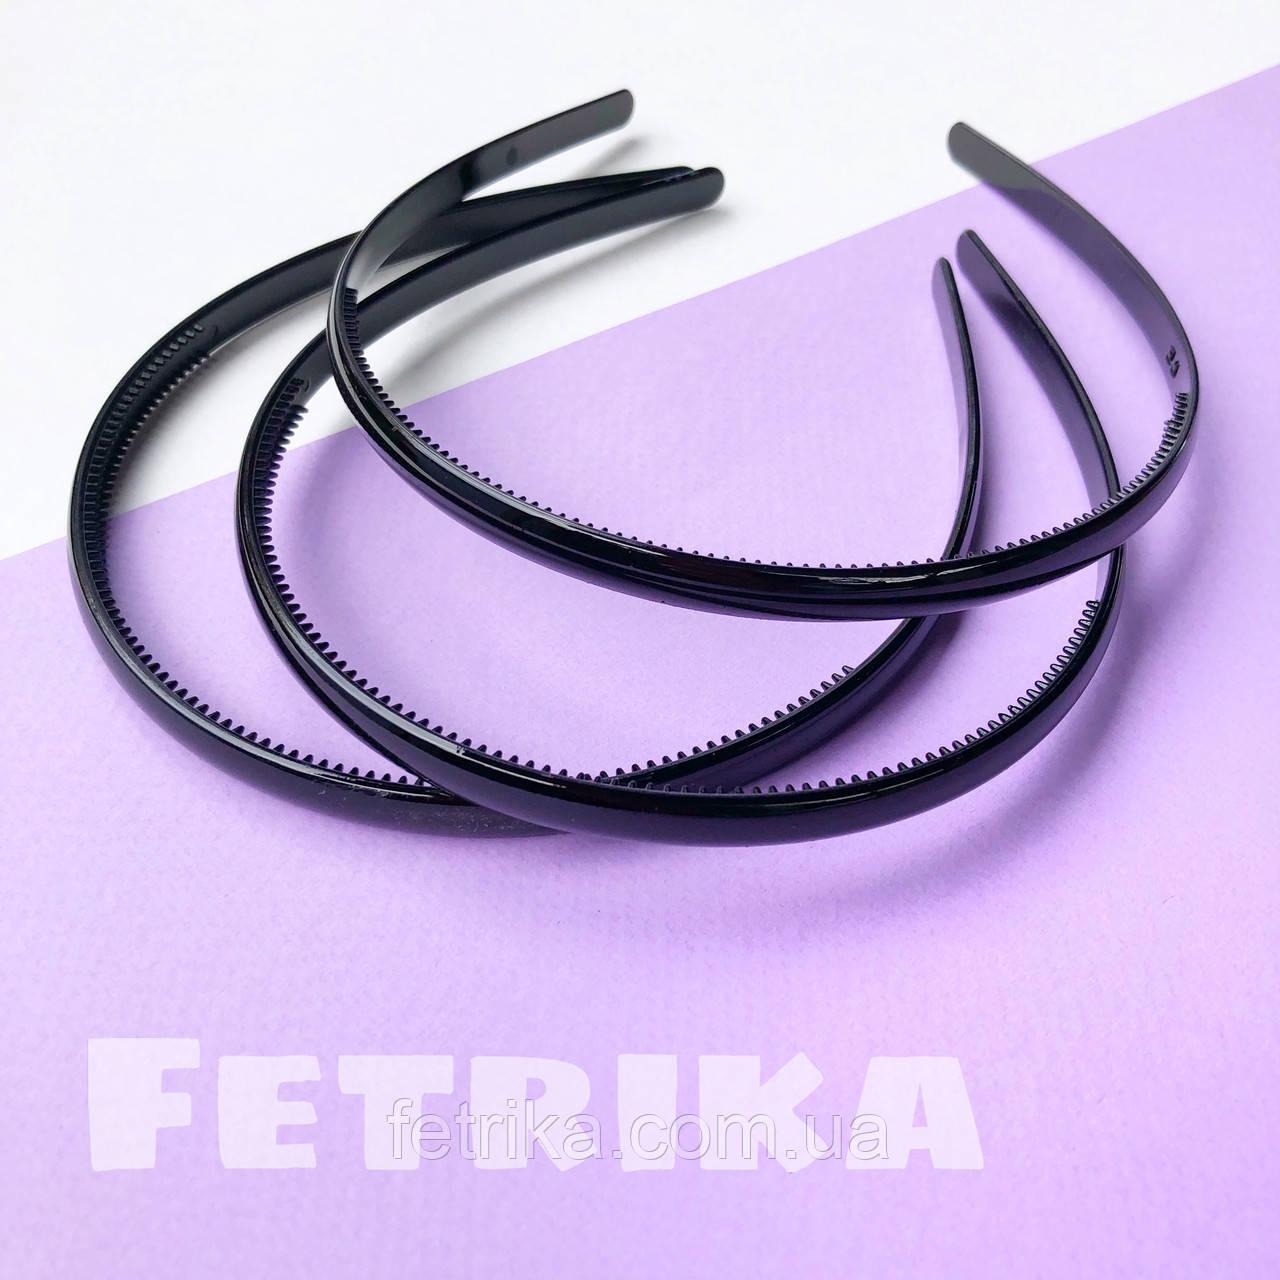 Обруч для волос пластмассовый ЧЕРНЫЙ, глянцевый, 8 мм